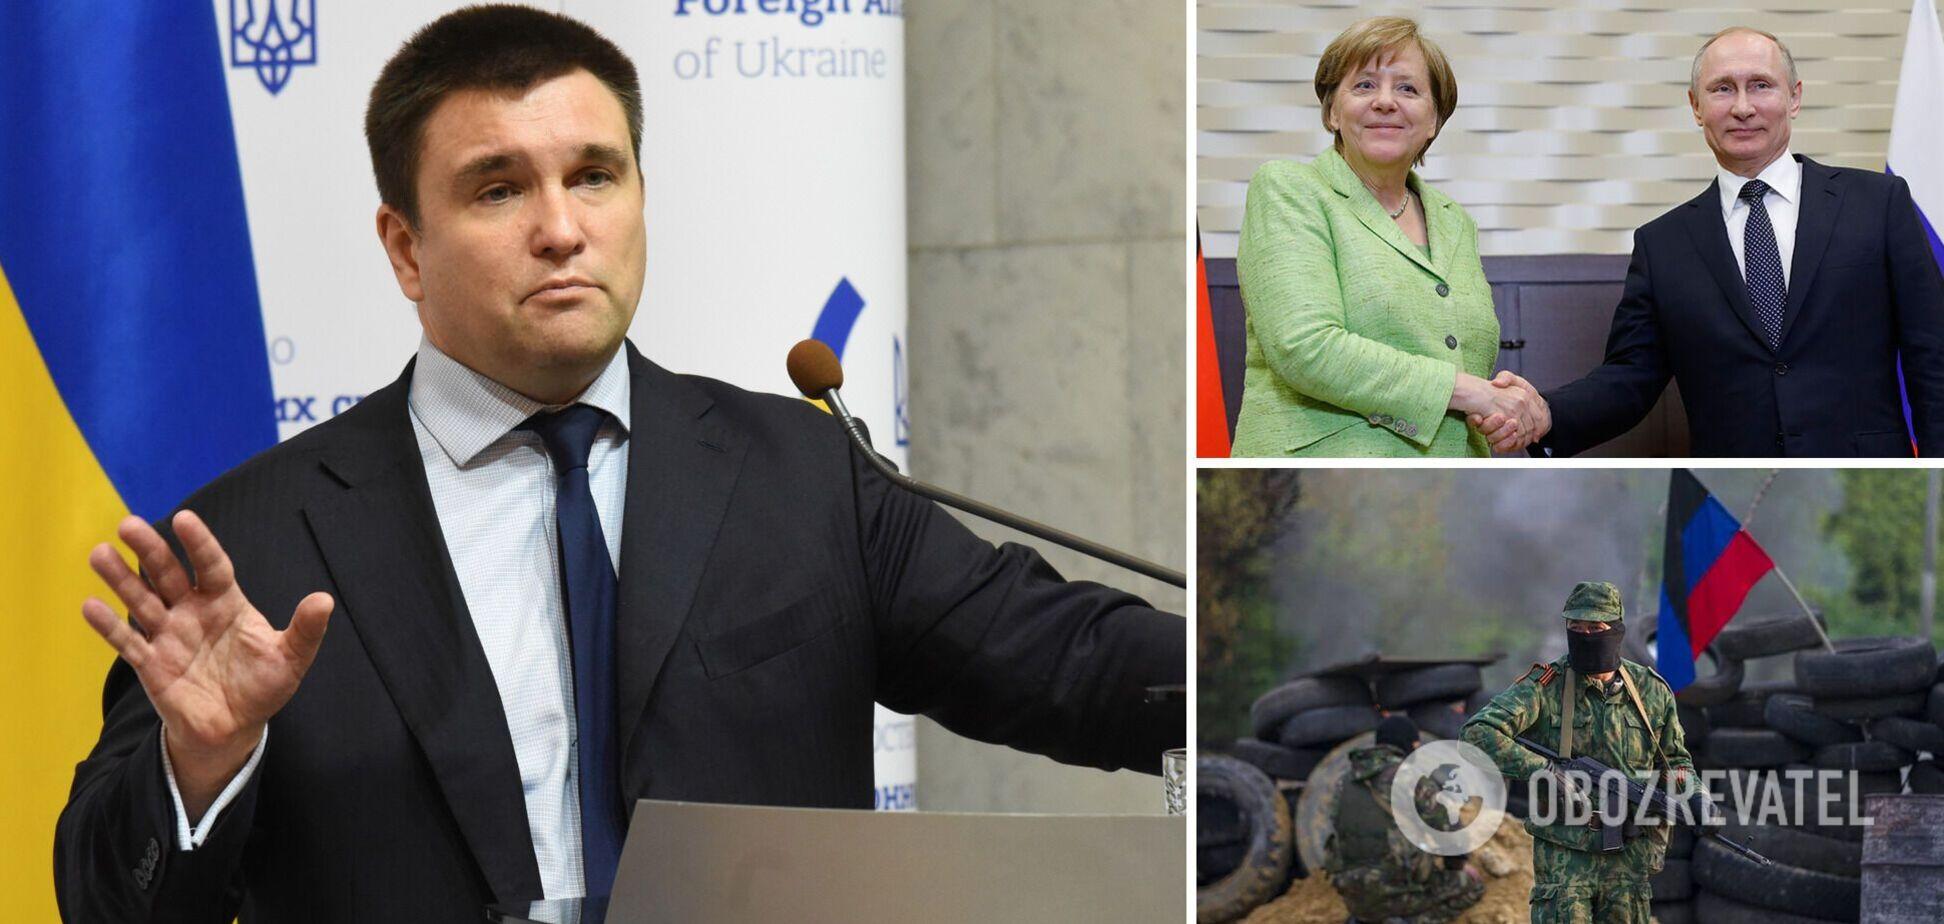 Вірила Путіну: Клімкін розповів, як Меркель відмовлялася визнавати агресію Росії